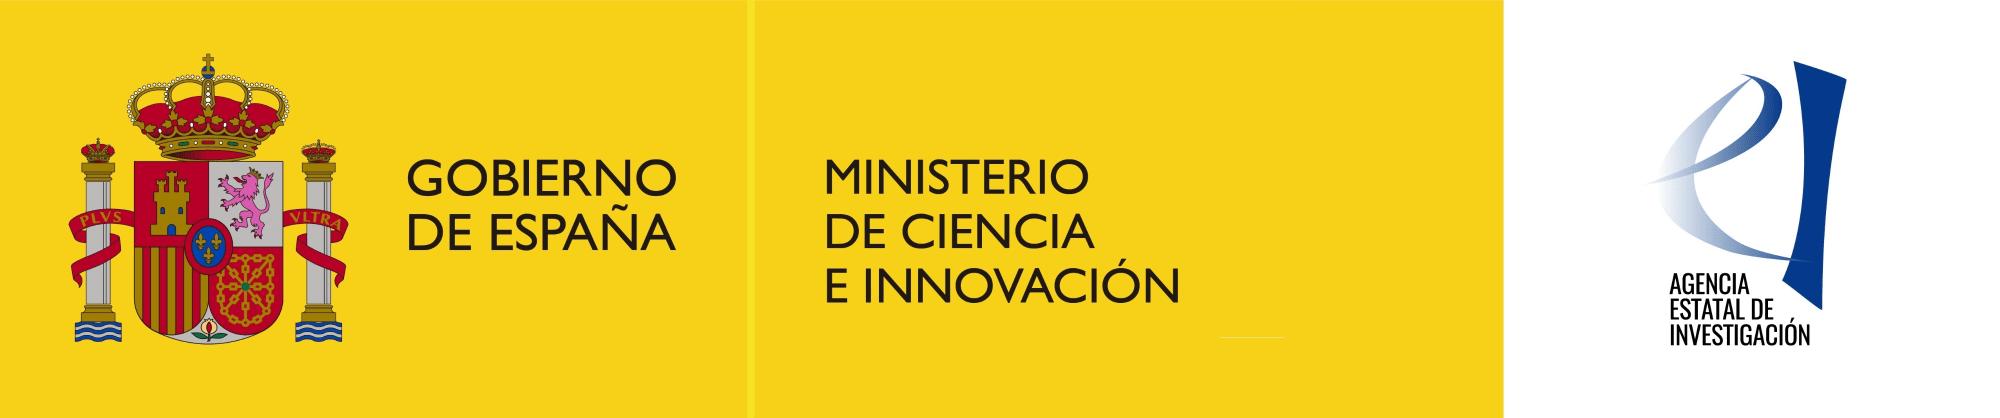 Ministerio de Ciencia e innovación +AEI